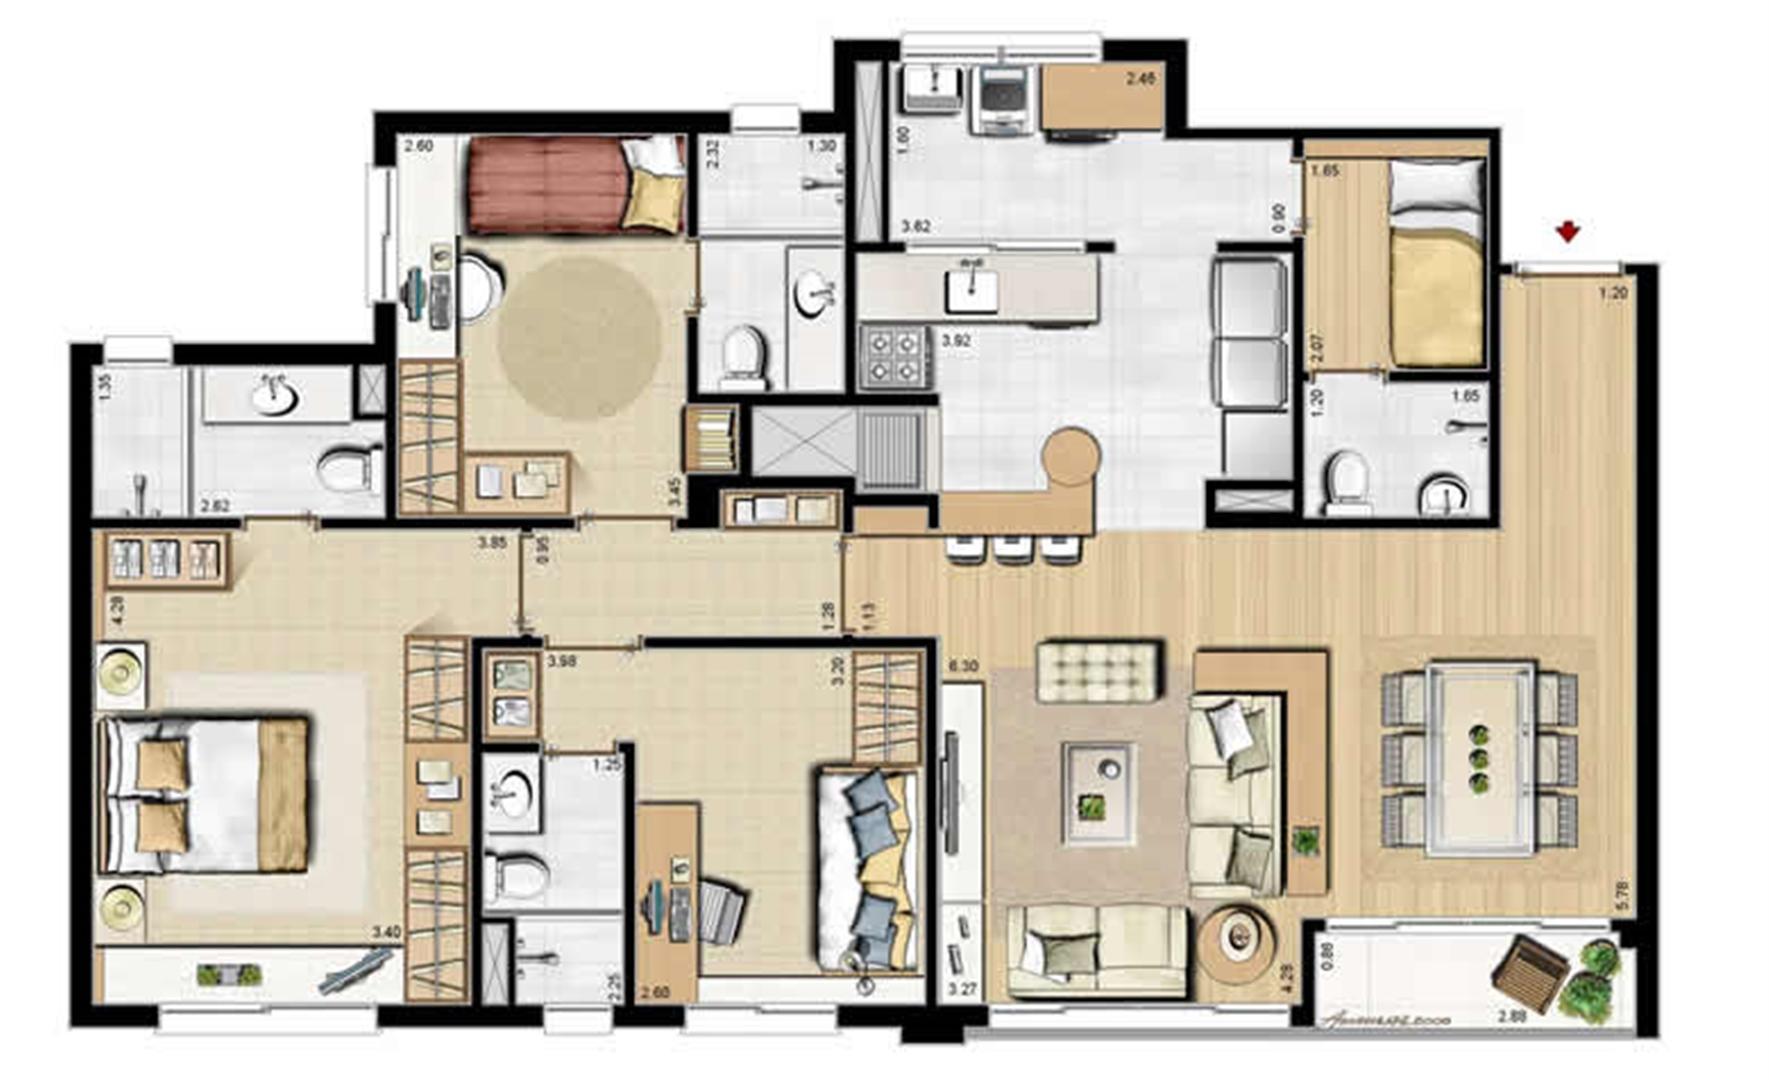 Sacada Integrada – Sugestão de Decoração - 113 m² privativos e 175 m² área total (2) | Villa Mimosa Vita Insolaratta – Apartamento no  Centro - Canoas - Rio Grande do Sul